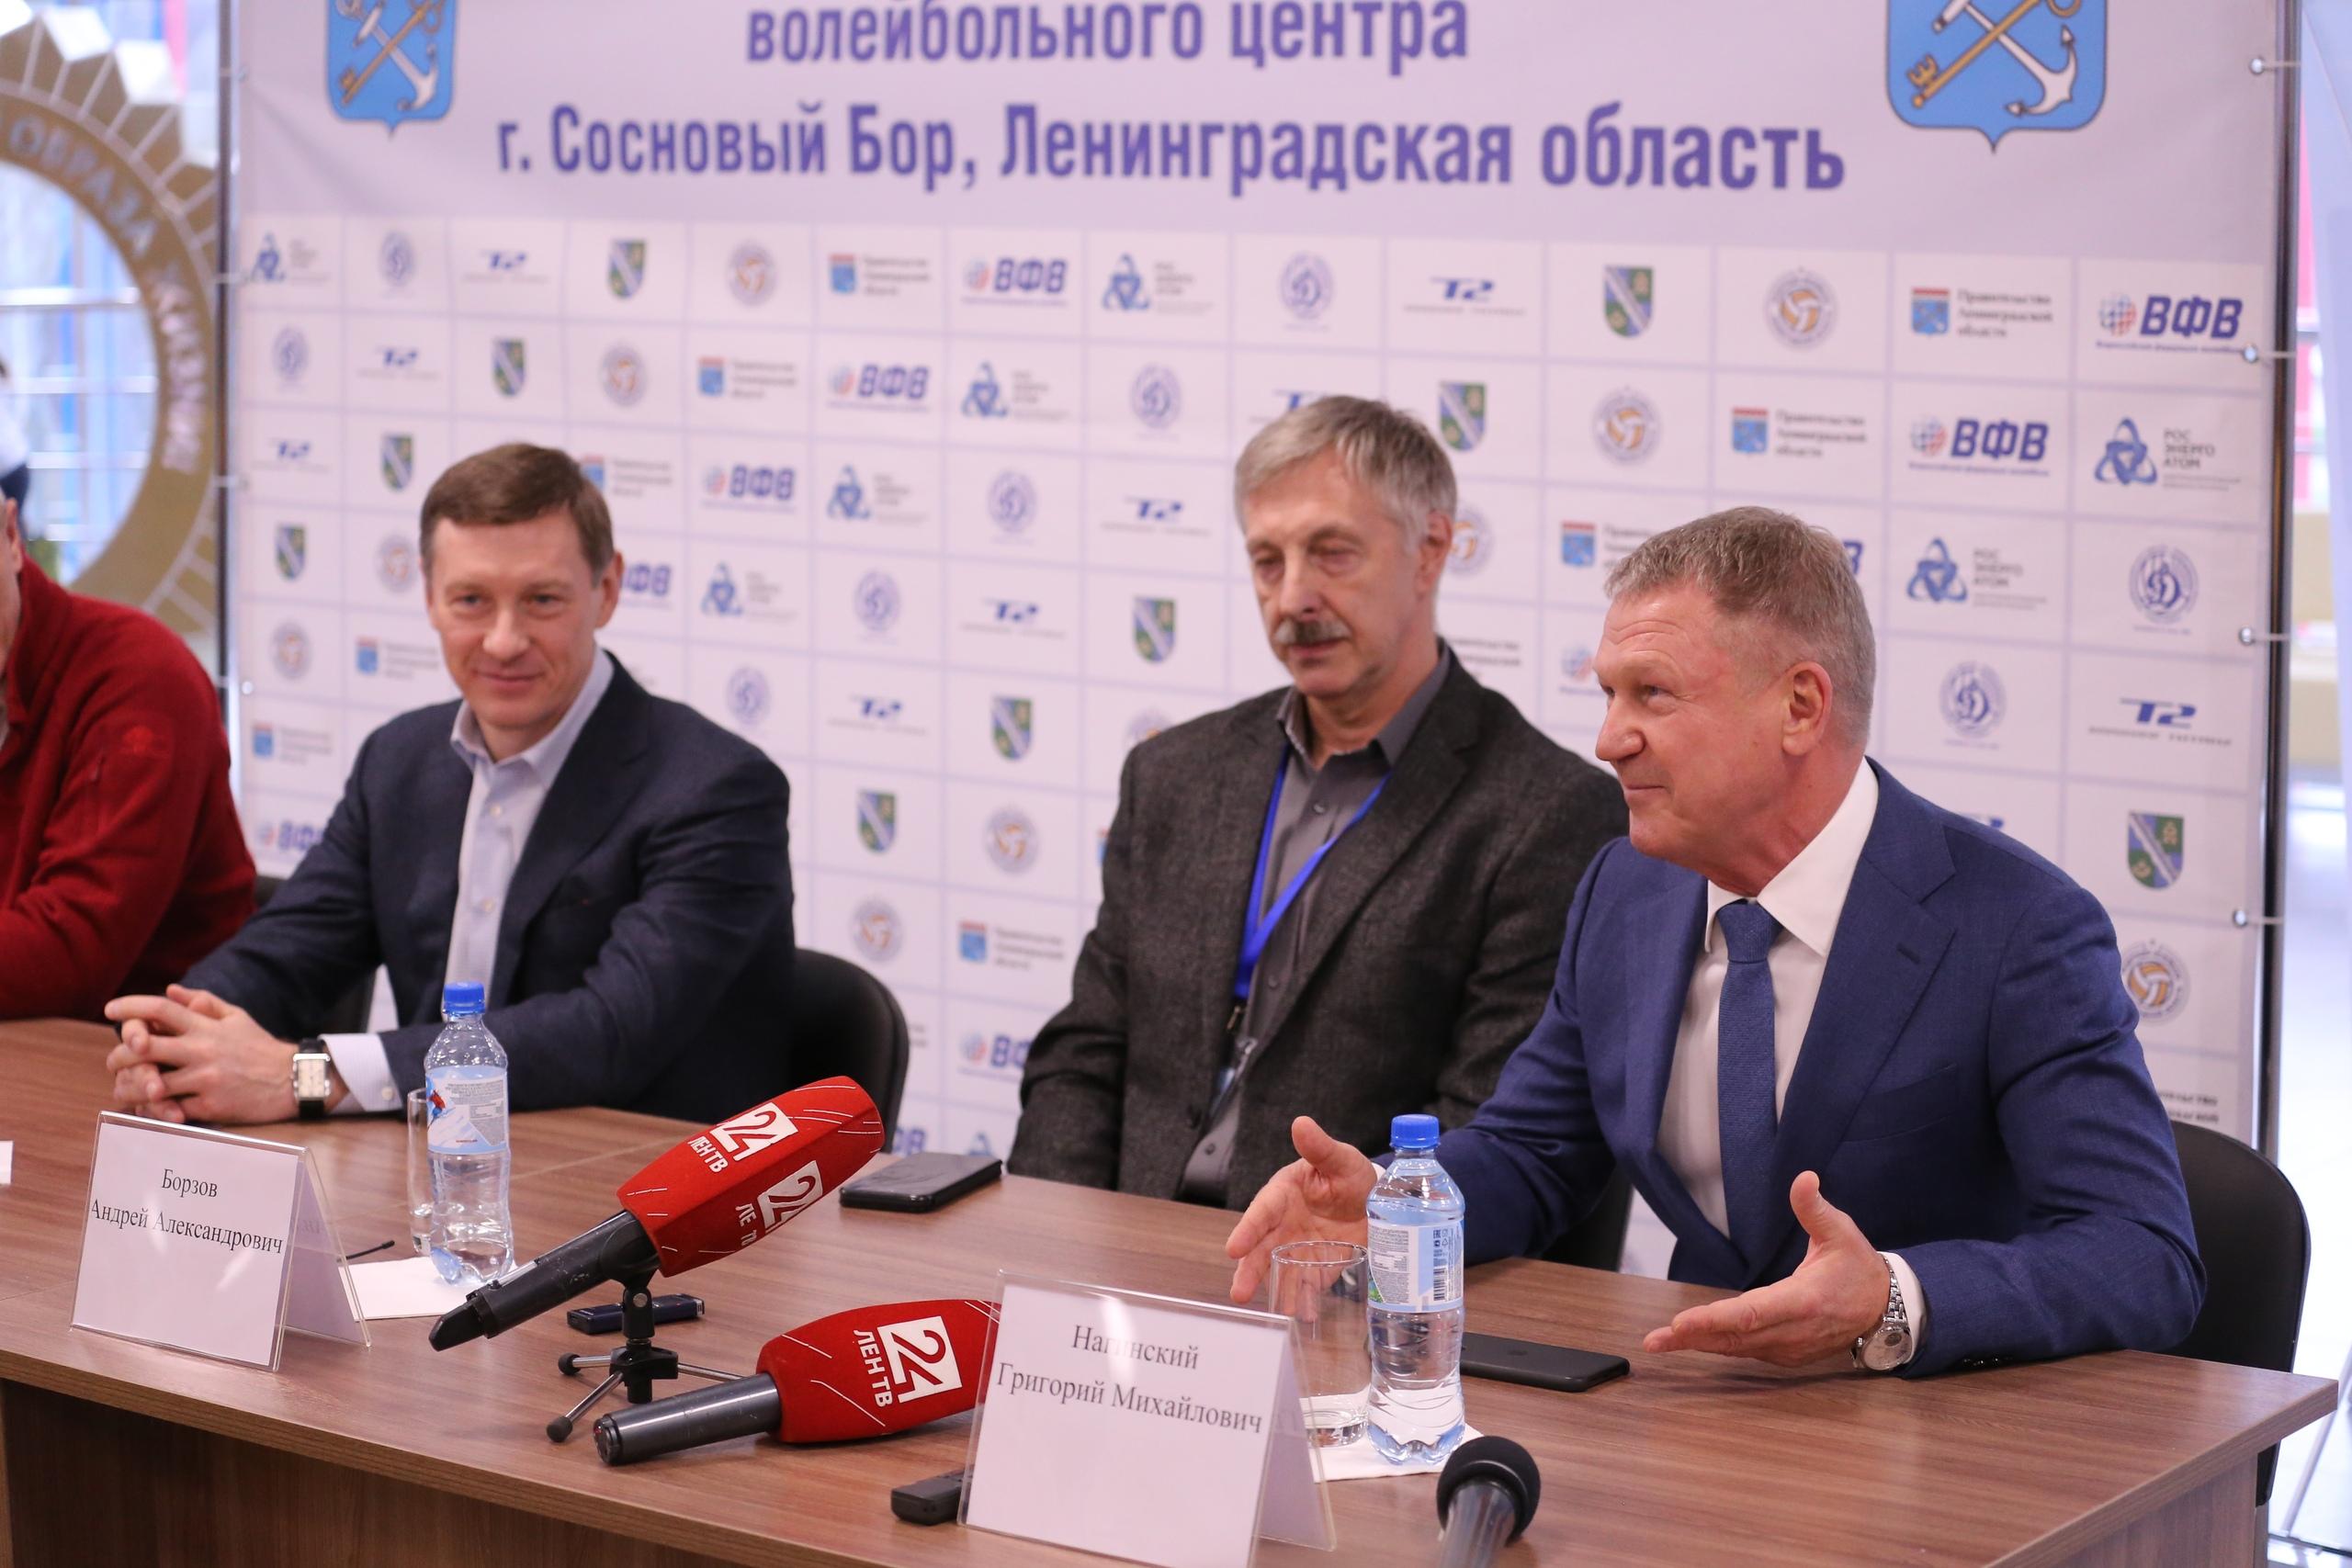 Генеральный директор АО «КОНЦЕРН ТИТАН-2» Григорий Нагинский принял участие в официальном открытии Областного волейбольного центра в Сосновом Бору